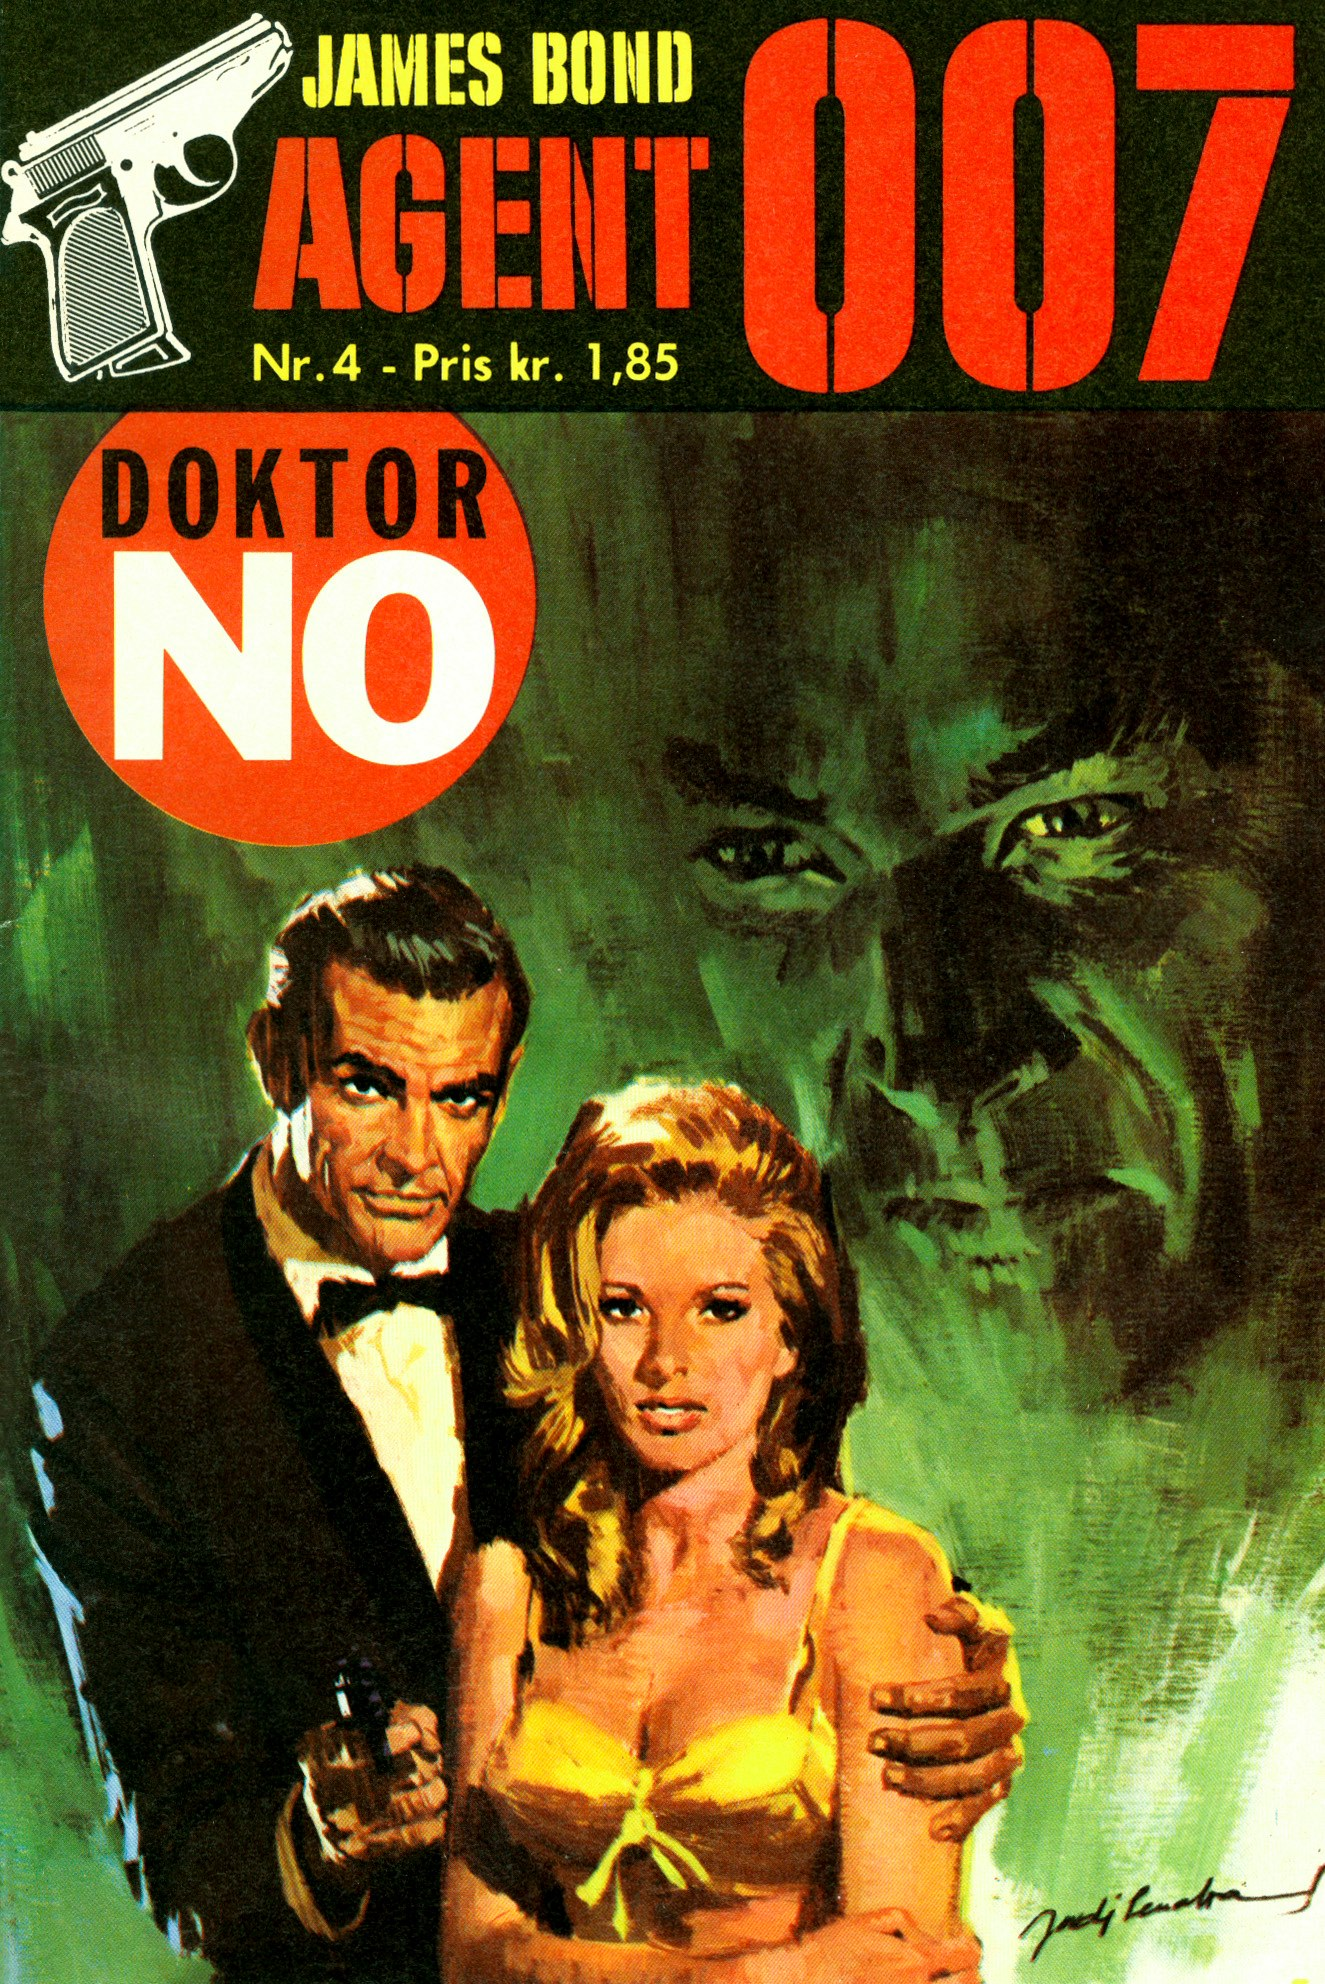 JB007 DK nr 4